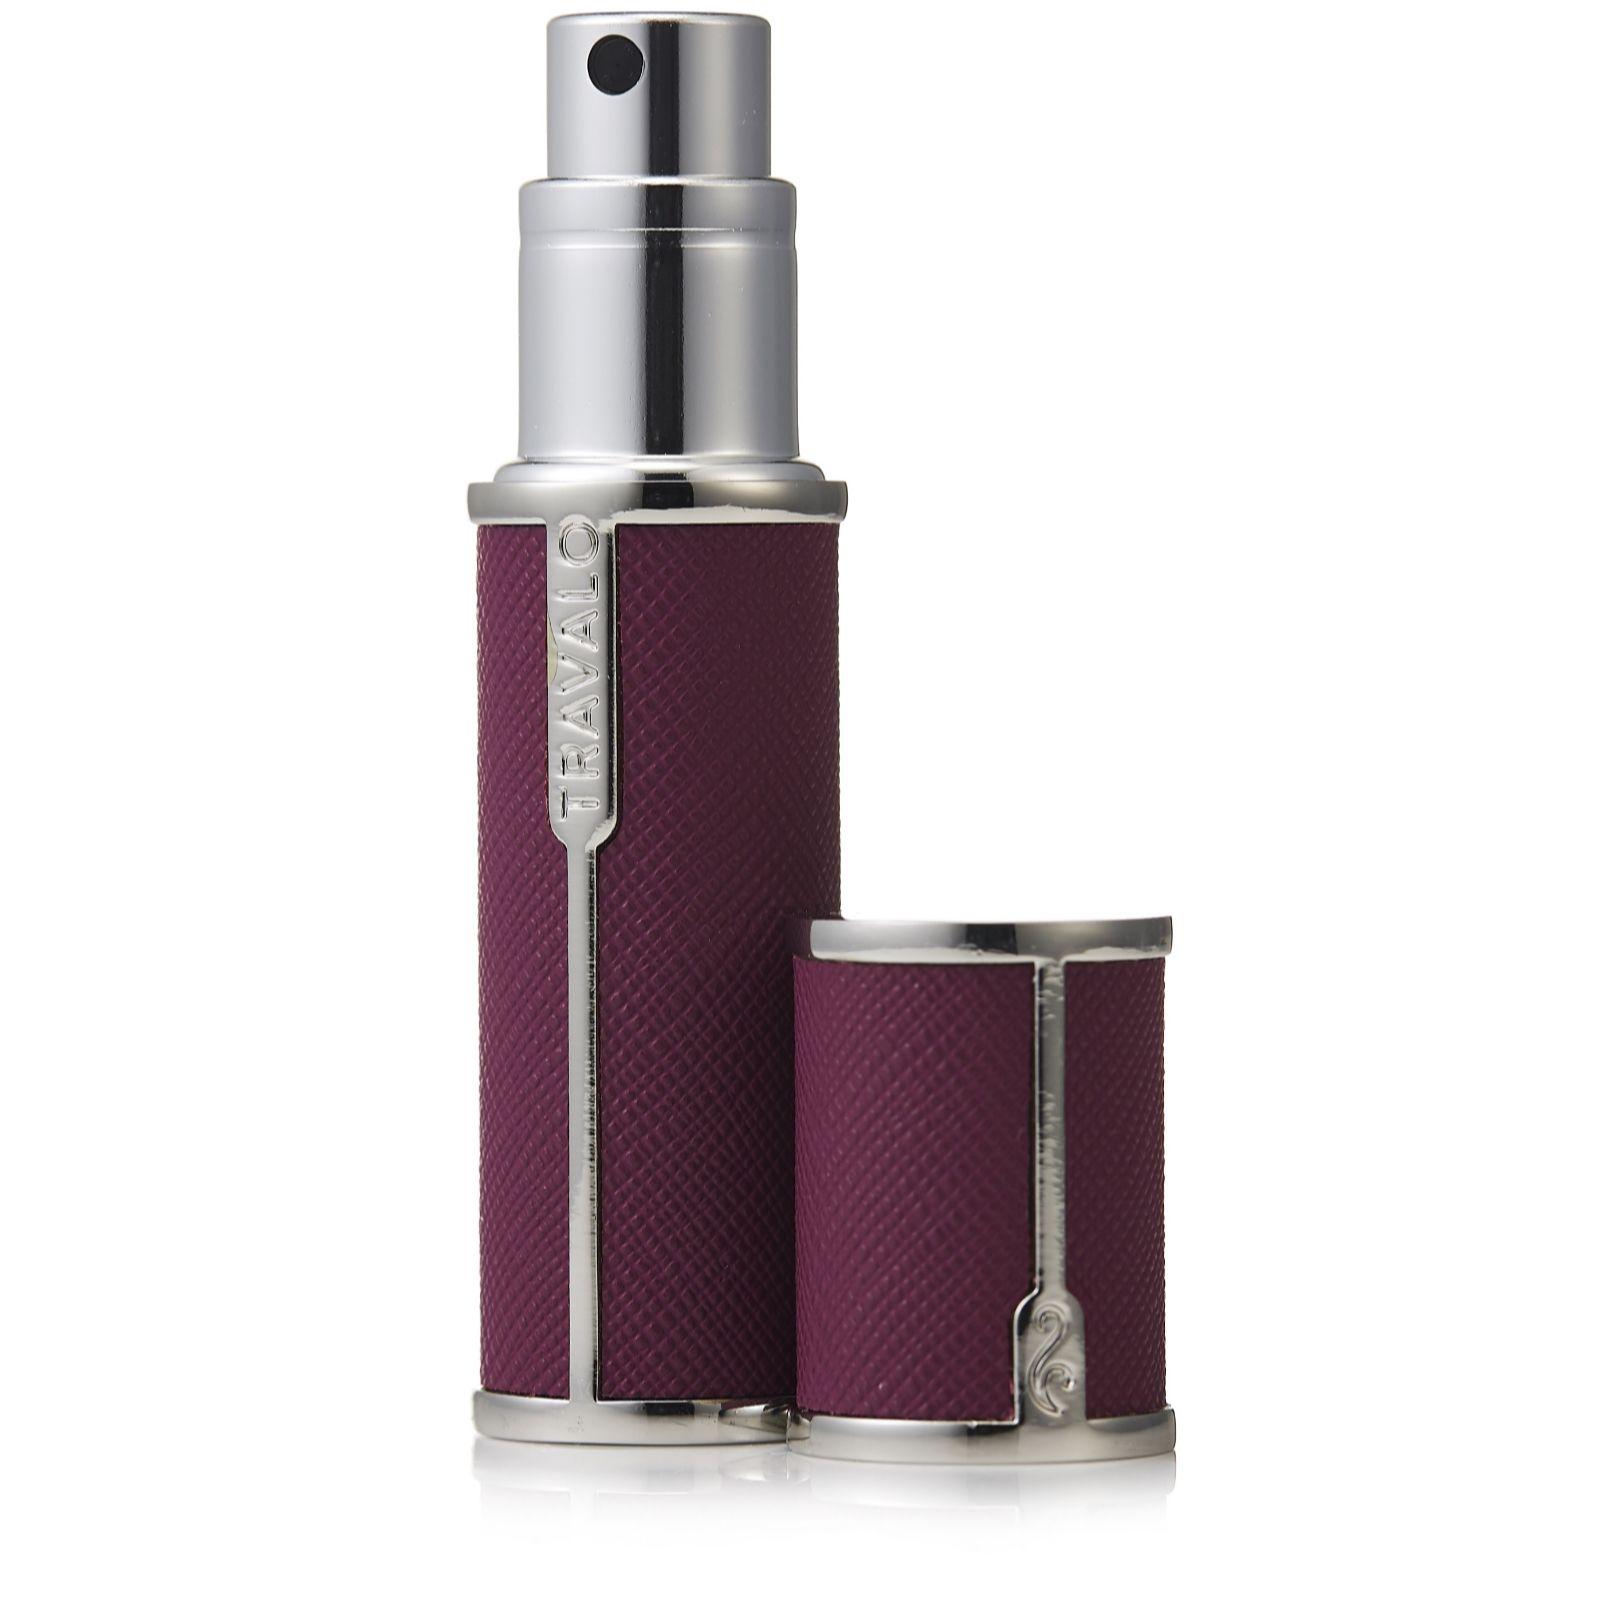 Travalo Refillable Travel Perfume Spray Bottle: Travalo Milano Refillable & Portable Perfume Spray